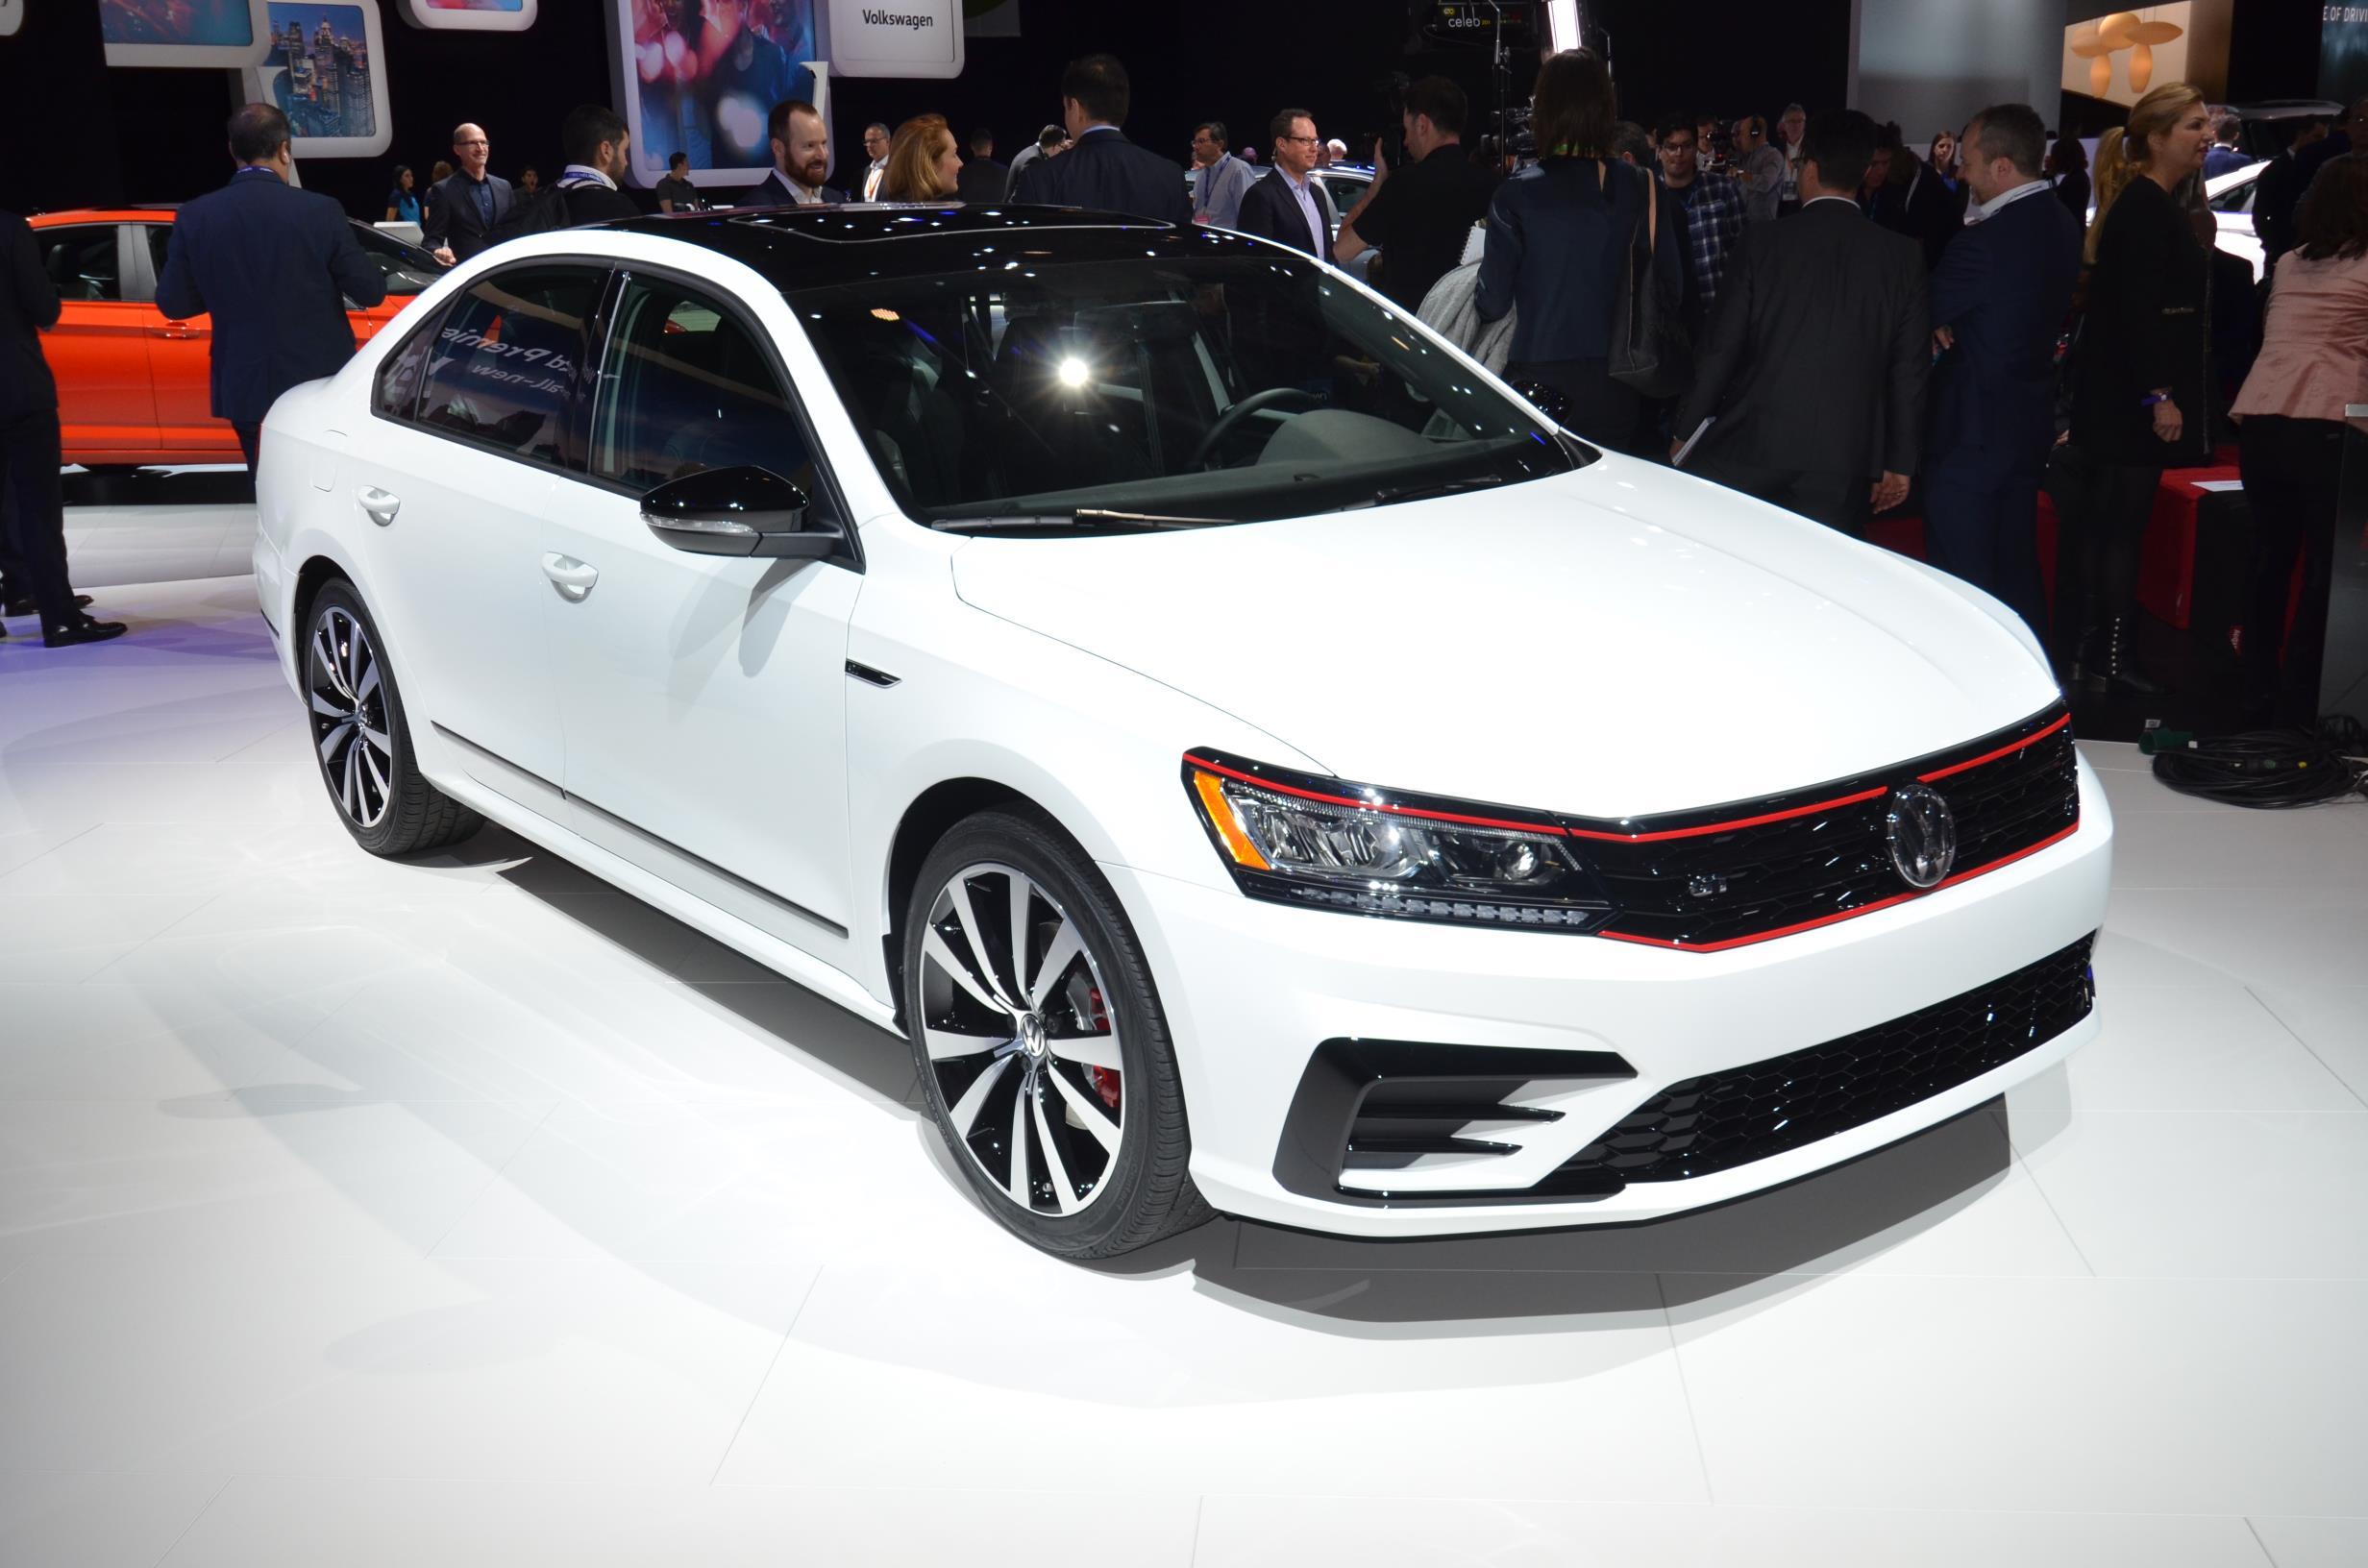 2018 Volkswagen Passat GT Is a Sweet Swan Song in Detroit - autoevolution